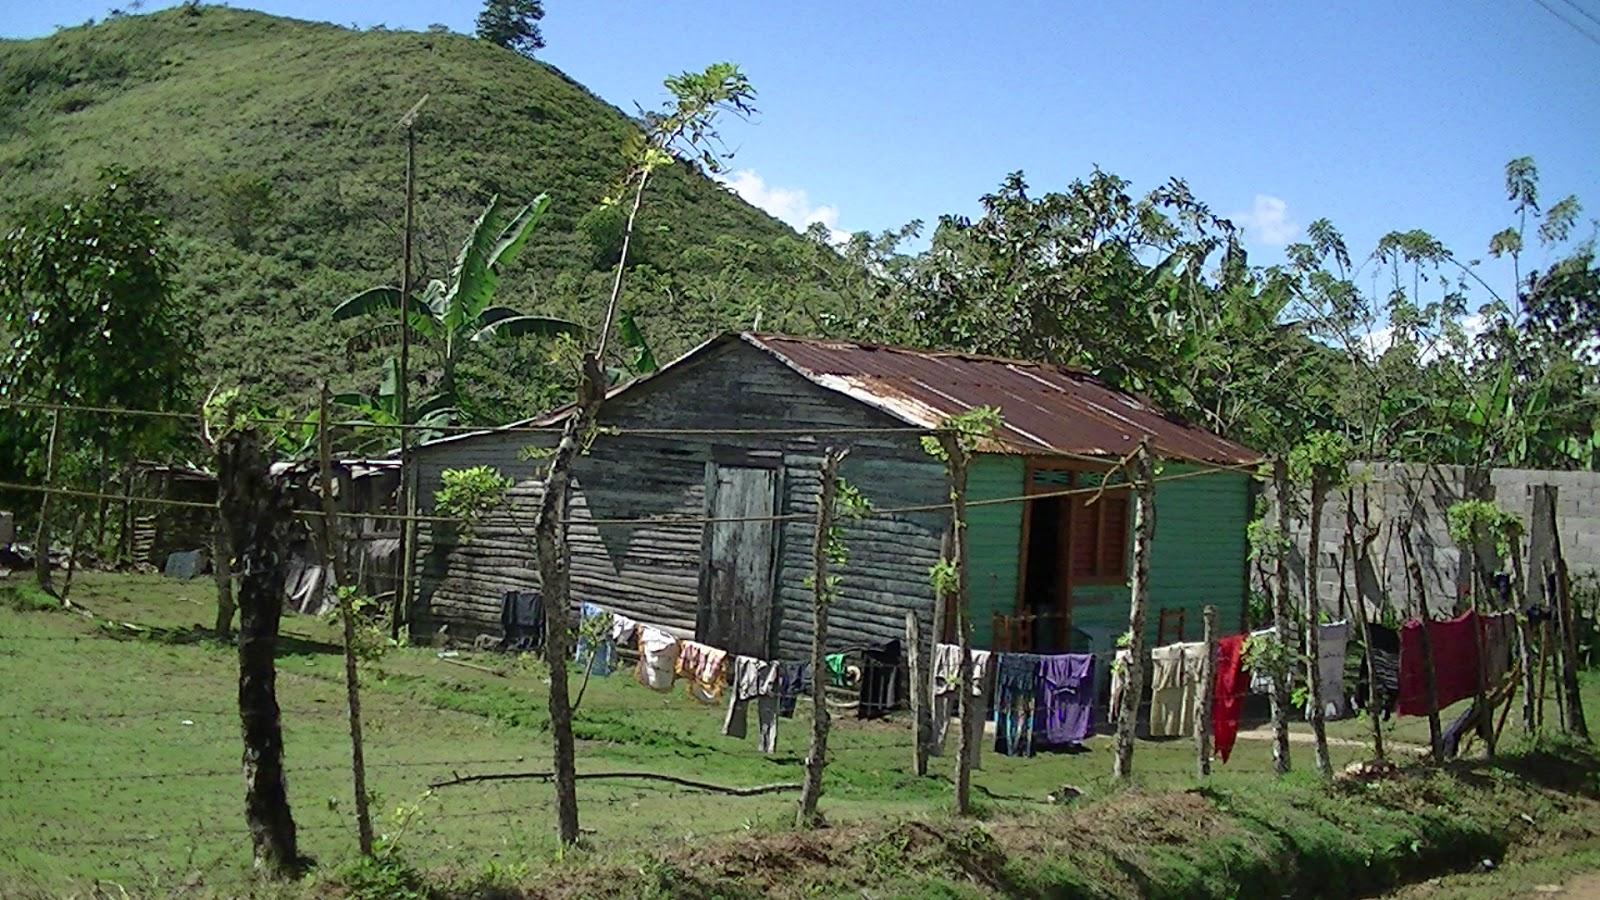 Republica Dominicana Casas Y Conucos De Campo Dominicano